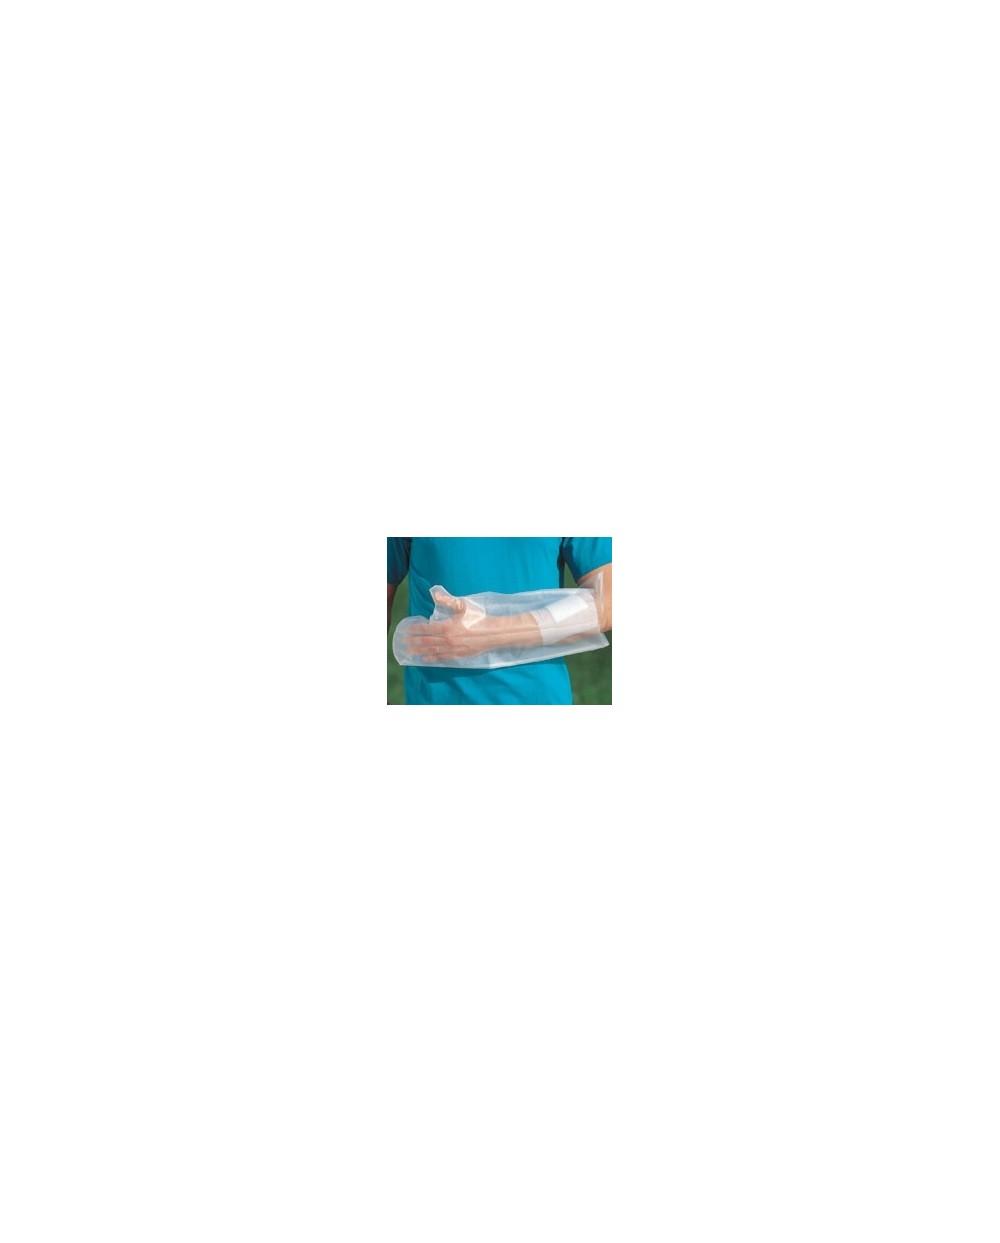 Housse étanche pour plâtre de l'avant-bras, taille L.